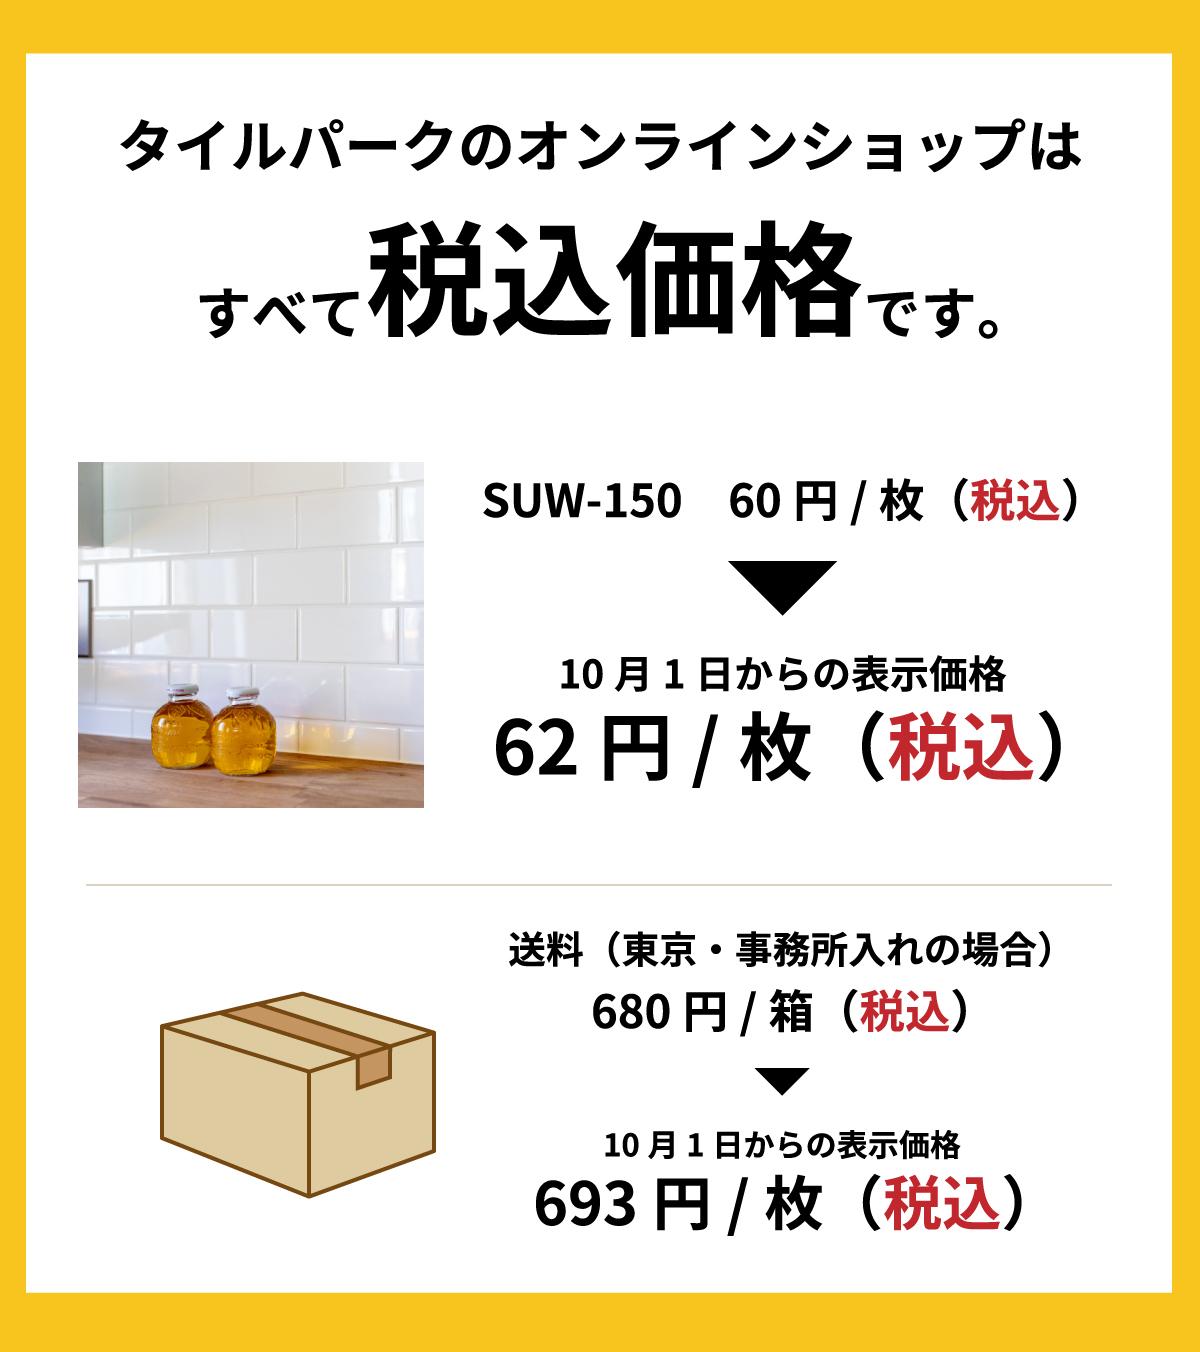 10月以降の表示価格について